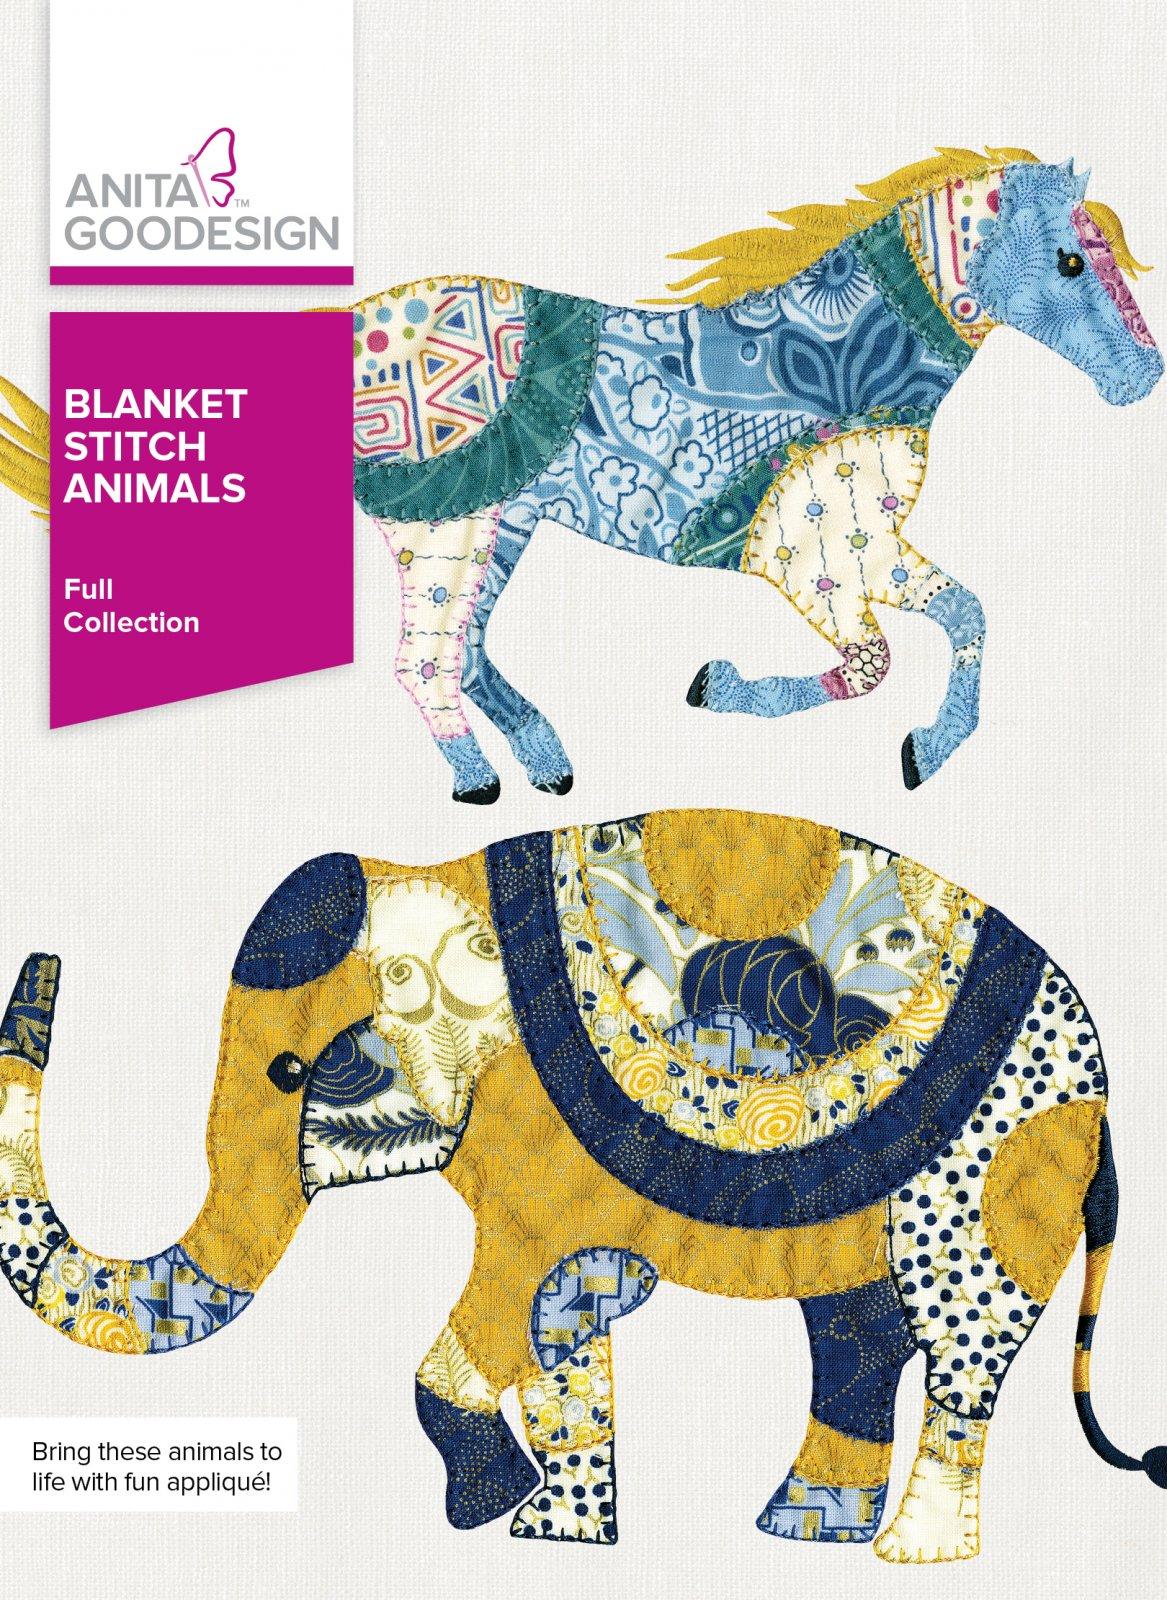 Anita Goodesign- Blanket Stitch Animals